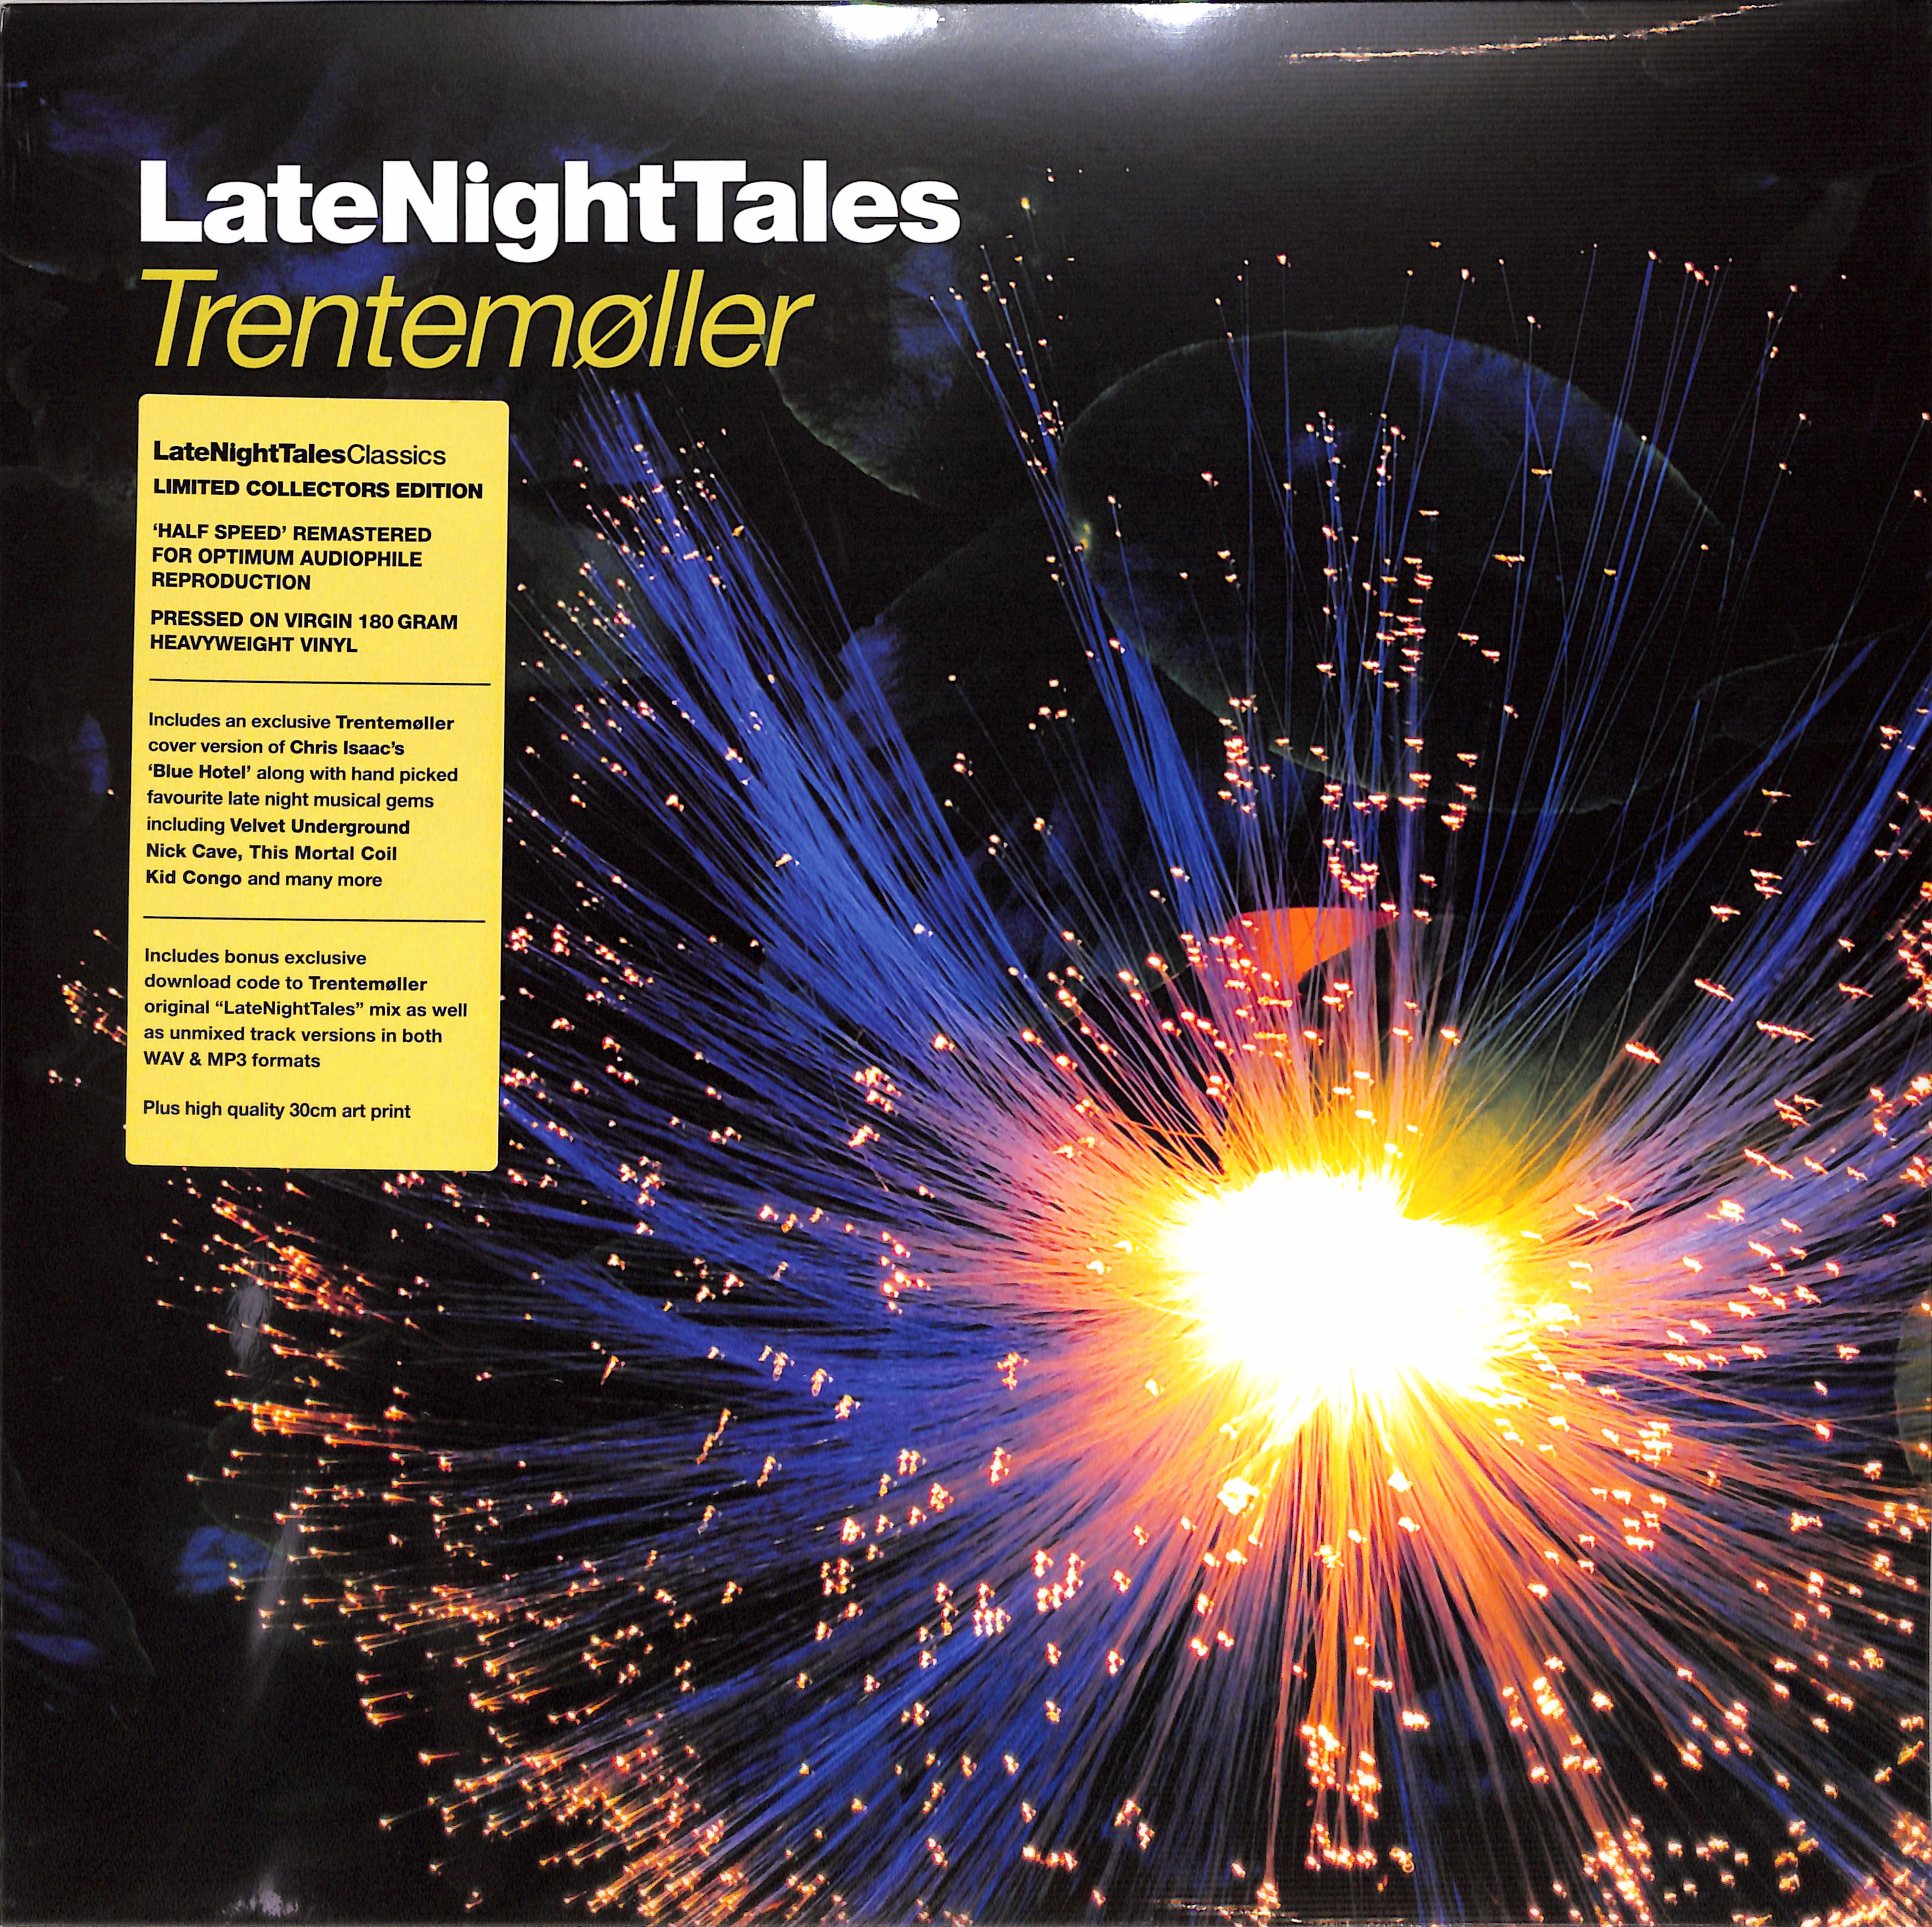 Trentemoller - LATE NIGHT TALES - TRENTEMOLLER